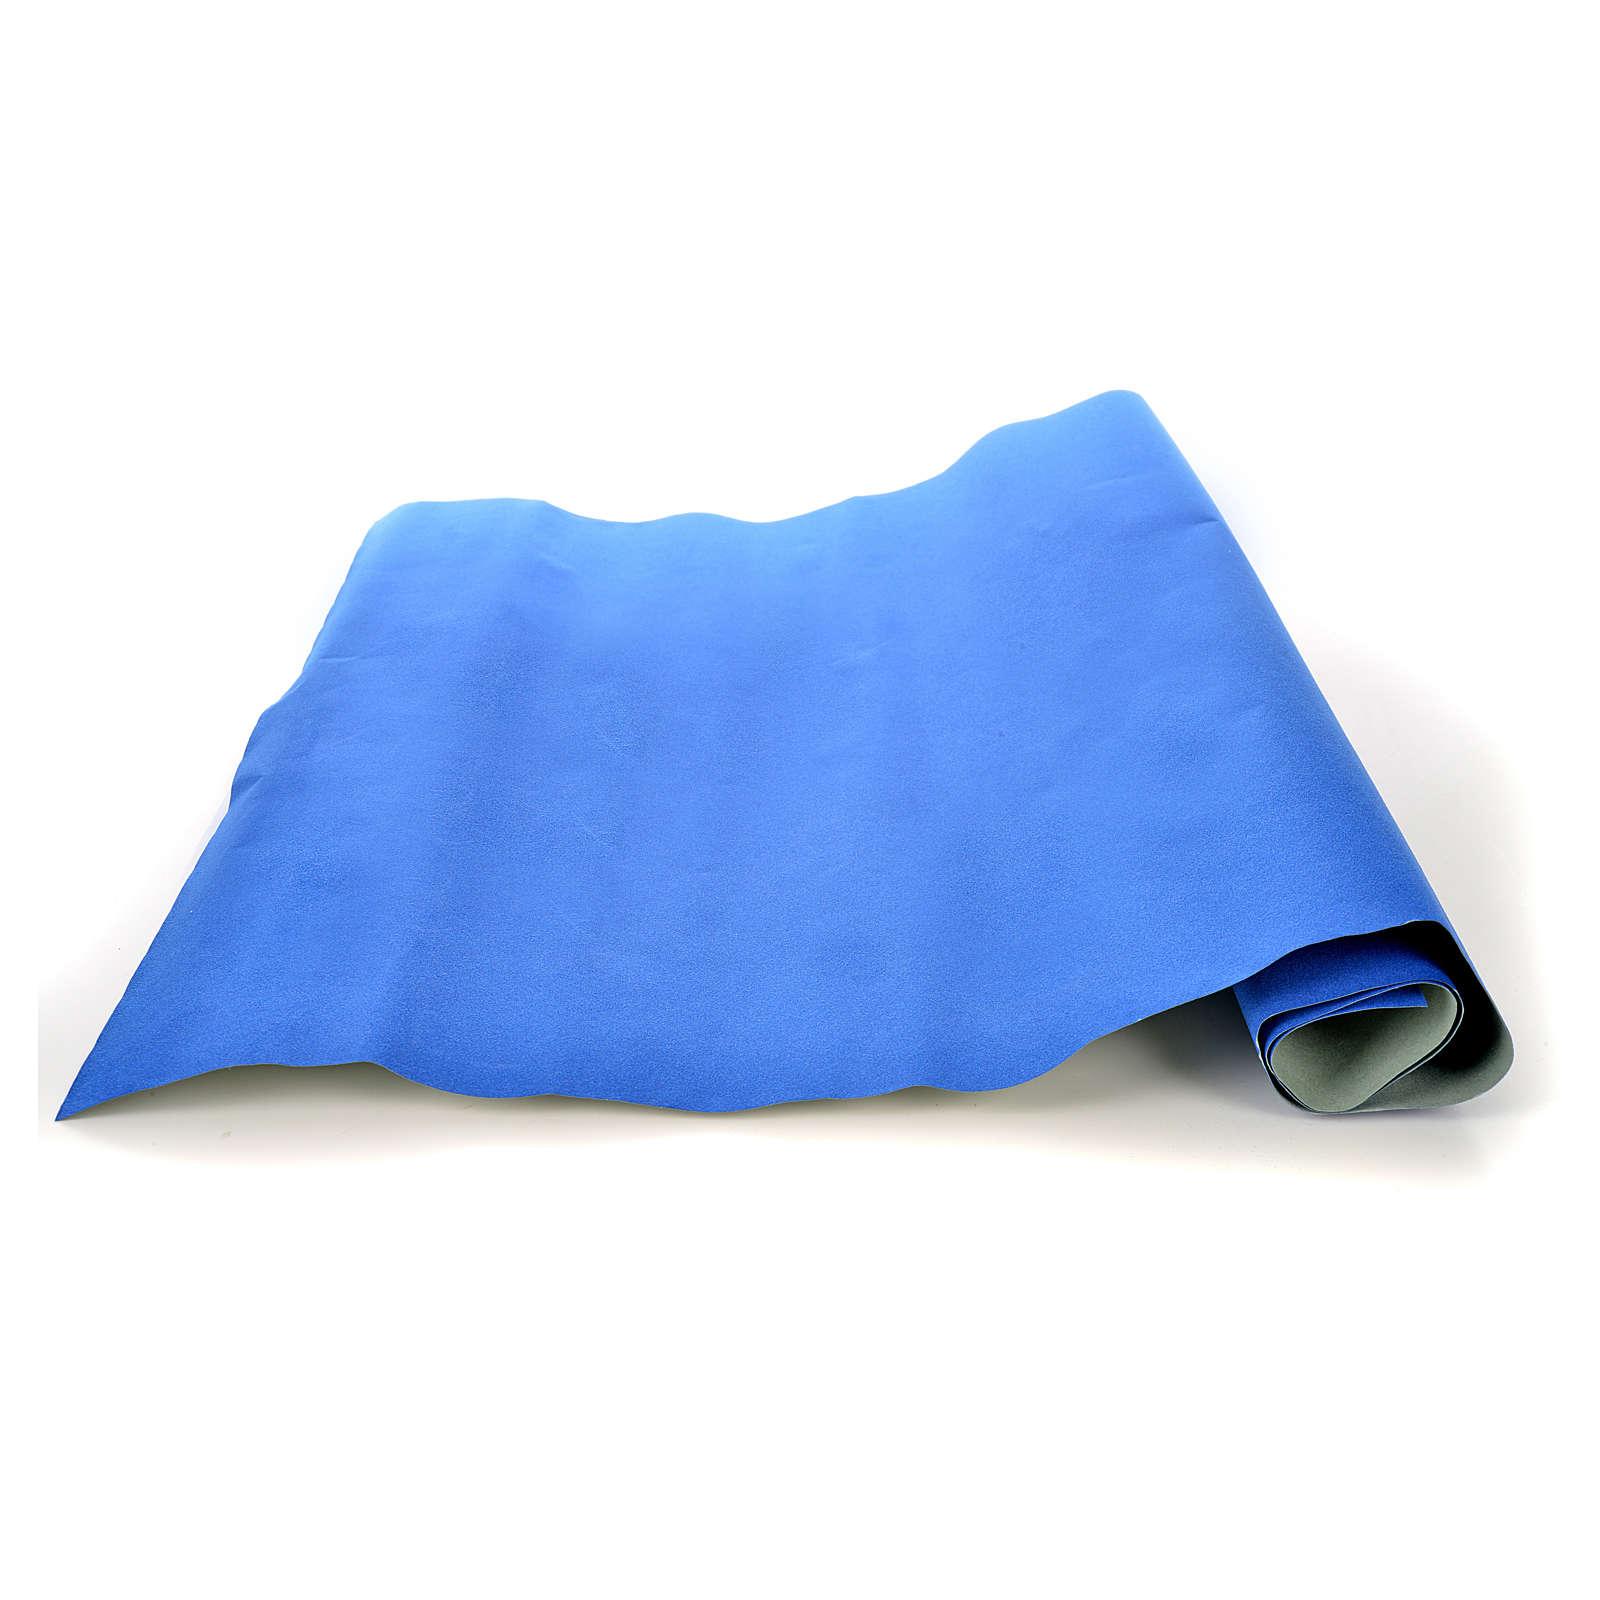 Rotolo carta blu velluto 70 x 50 cm 4